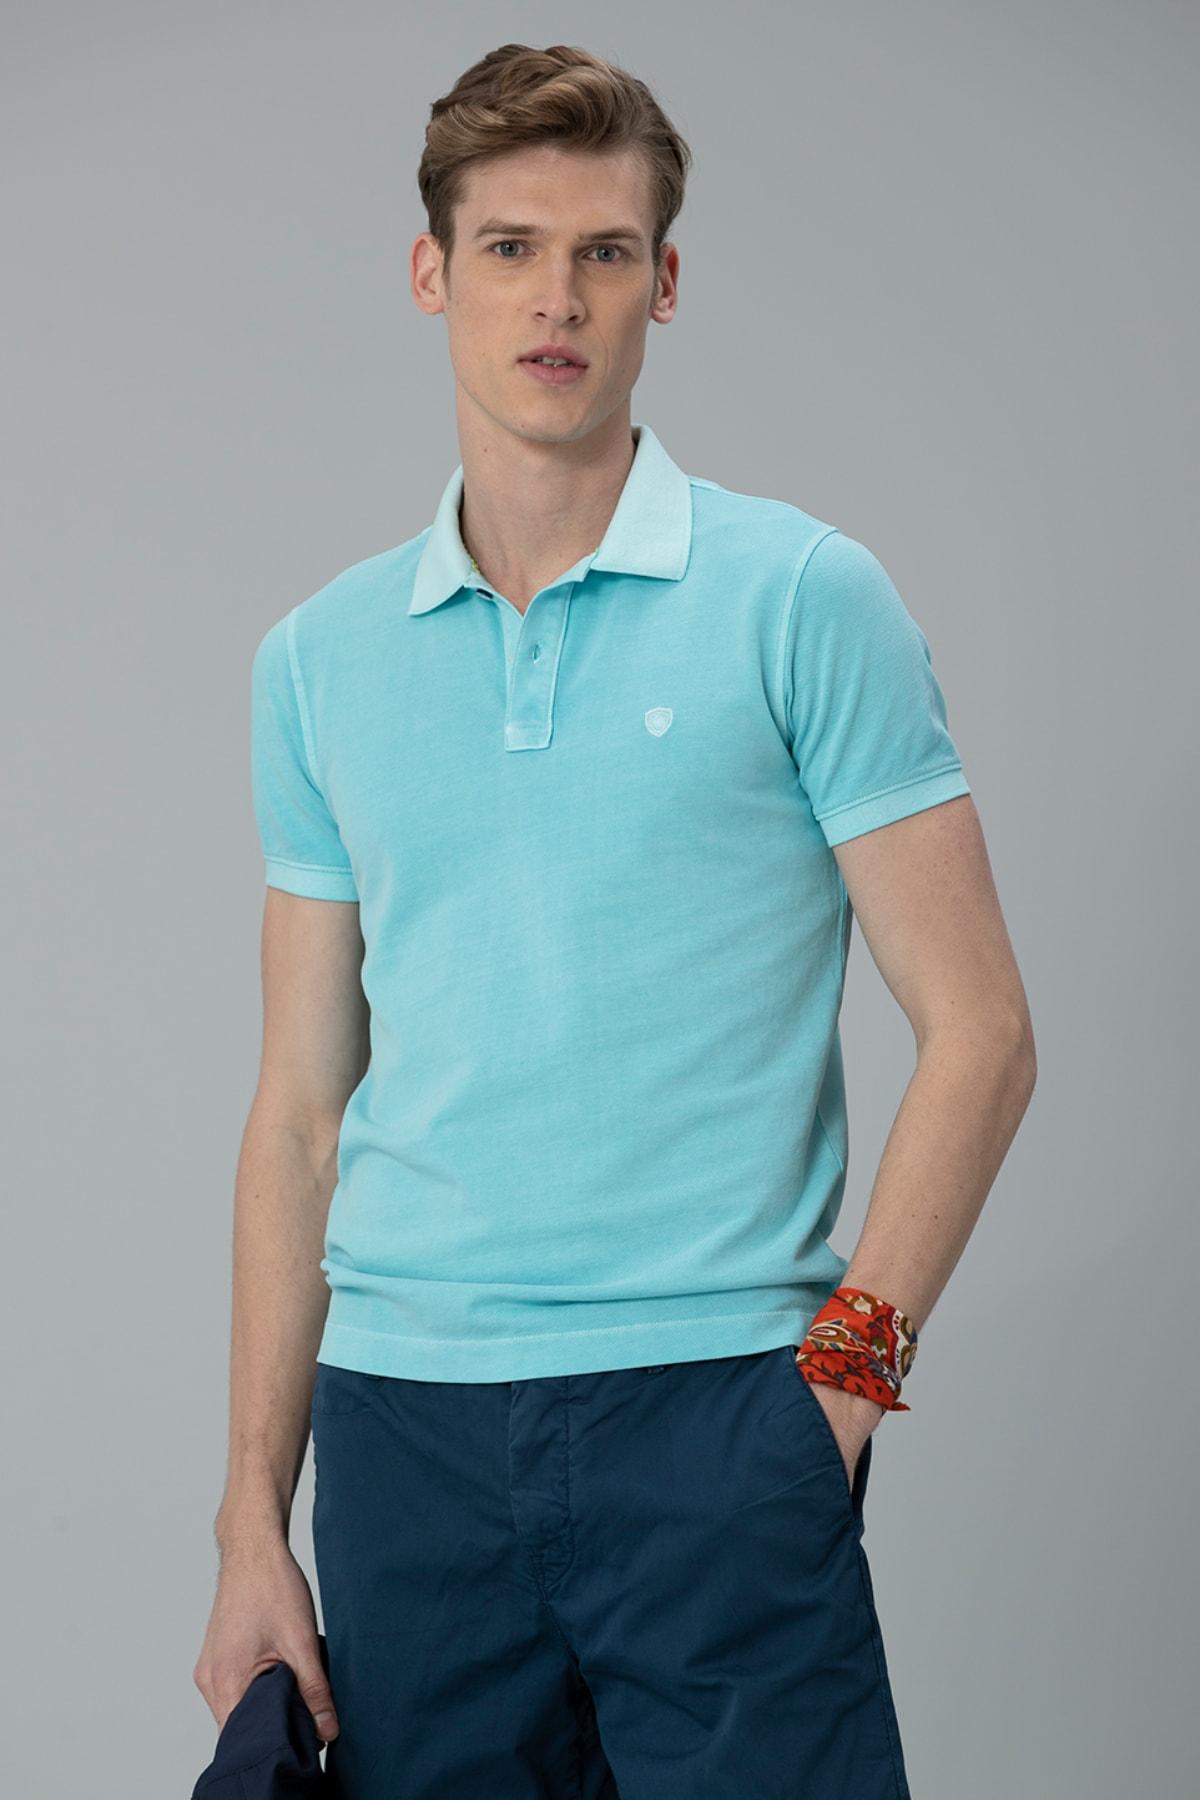 Lufian Vernon Spor Polo T- Shirt Aqua 2